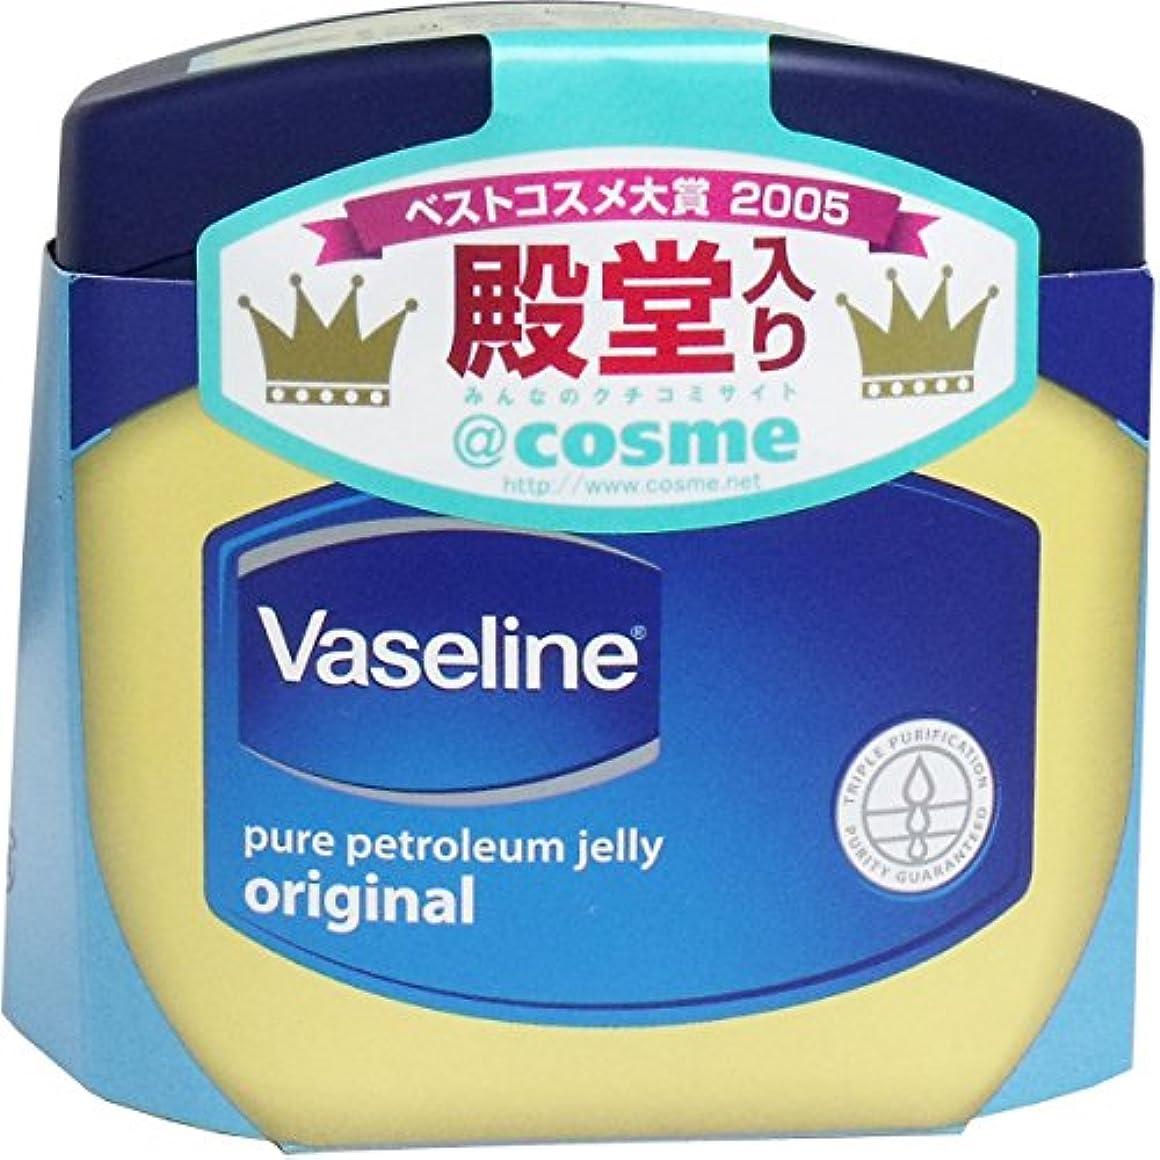 十分ではないポップ件名【Vaseline】ヴァセリン ピュアスキンジェリー (スキンオイル) 200g ×5個セット